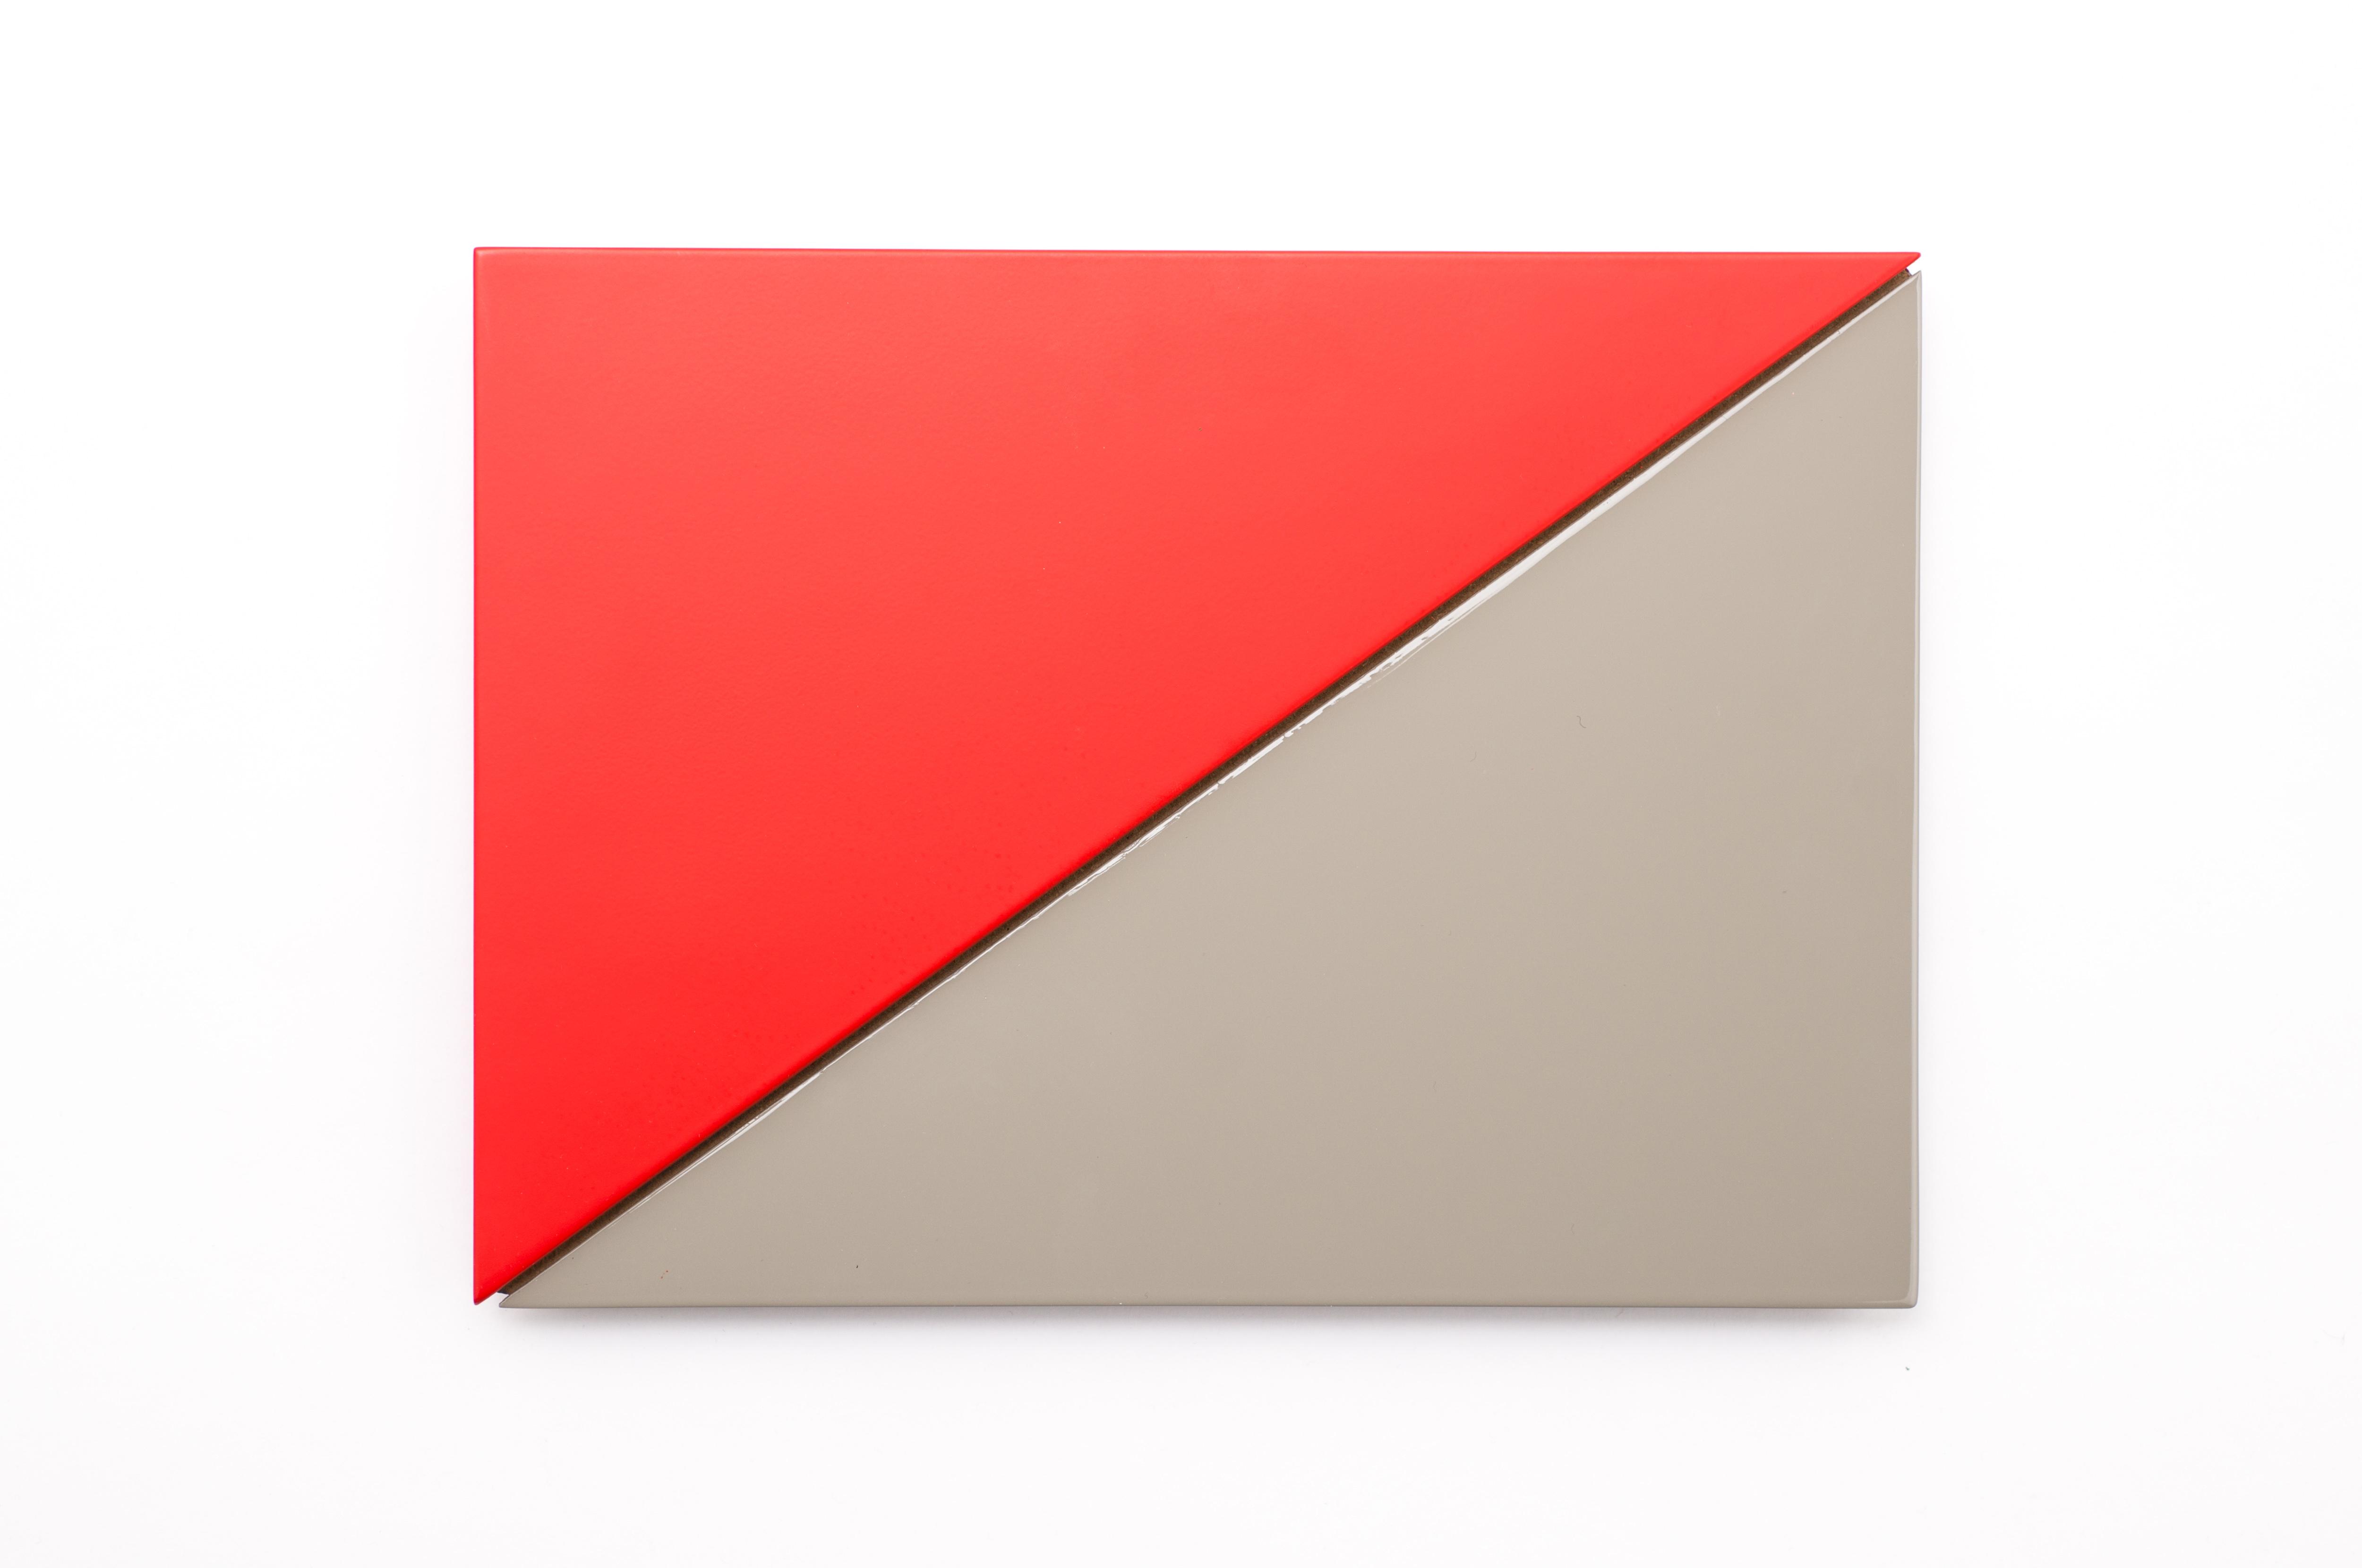 um_signalflagge_02_22x30x2cm